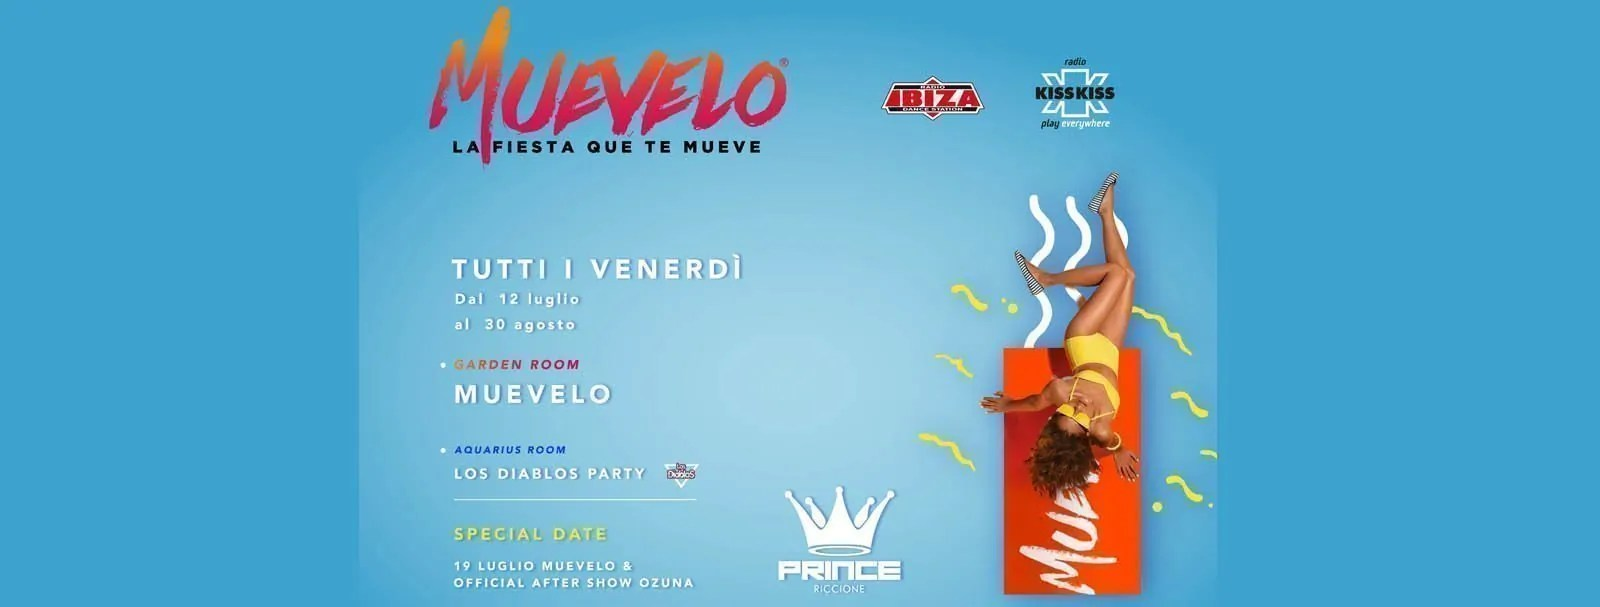 Prince Riccione Muevelo Venerdì 26 Luglio 2019 + Prezzi Ticket/Biglietti/Prevendite 18APP Tavoli Pacchetti hotel